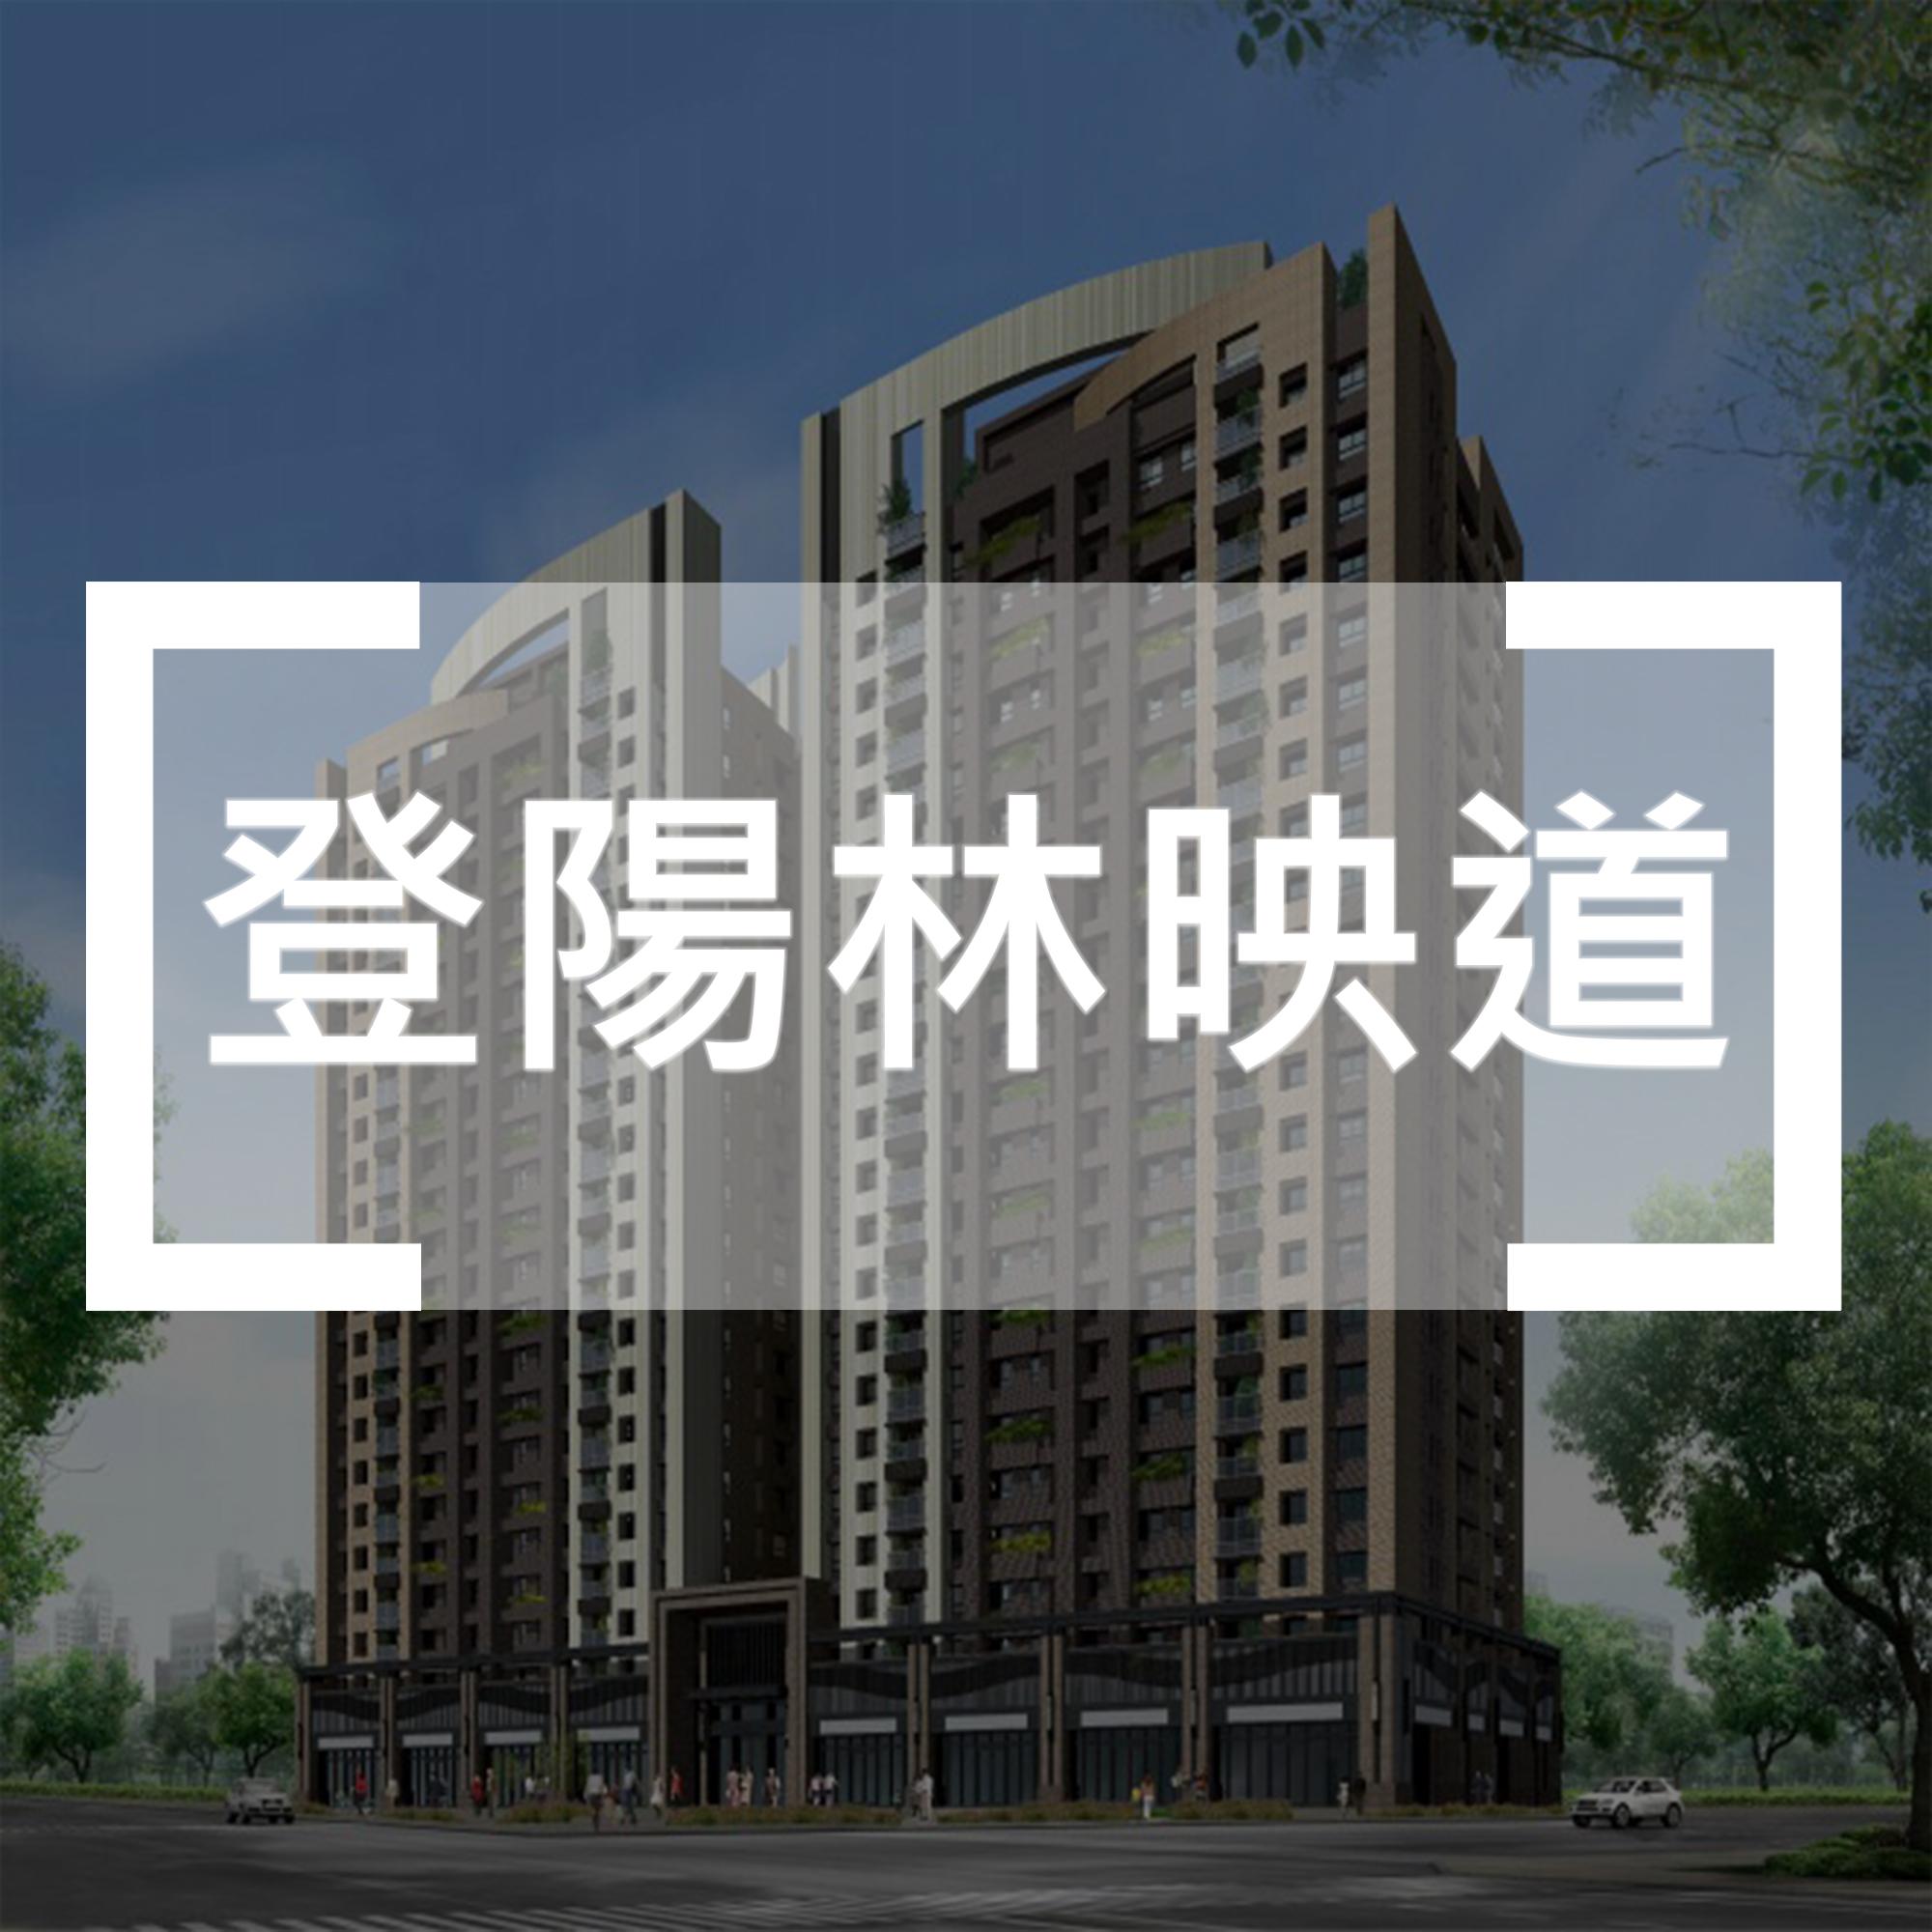 「登陽林映道」。登陽機捷第五案。22層超高大樓。登陽建設。買機捷、找安森。台中買屋、賣屋、推薦陳安森。電話:0979-616-027